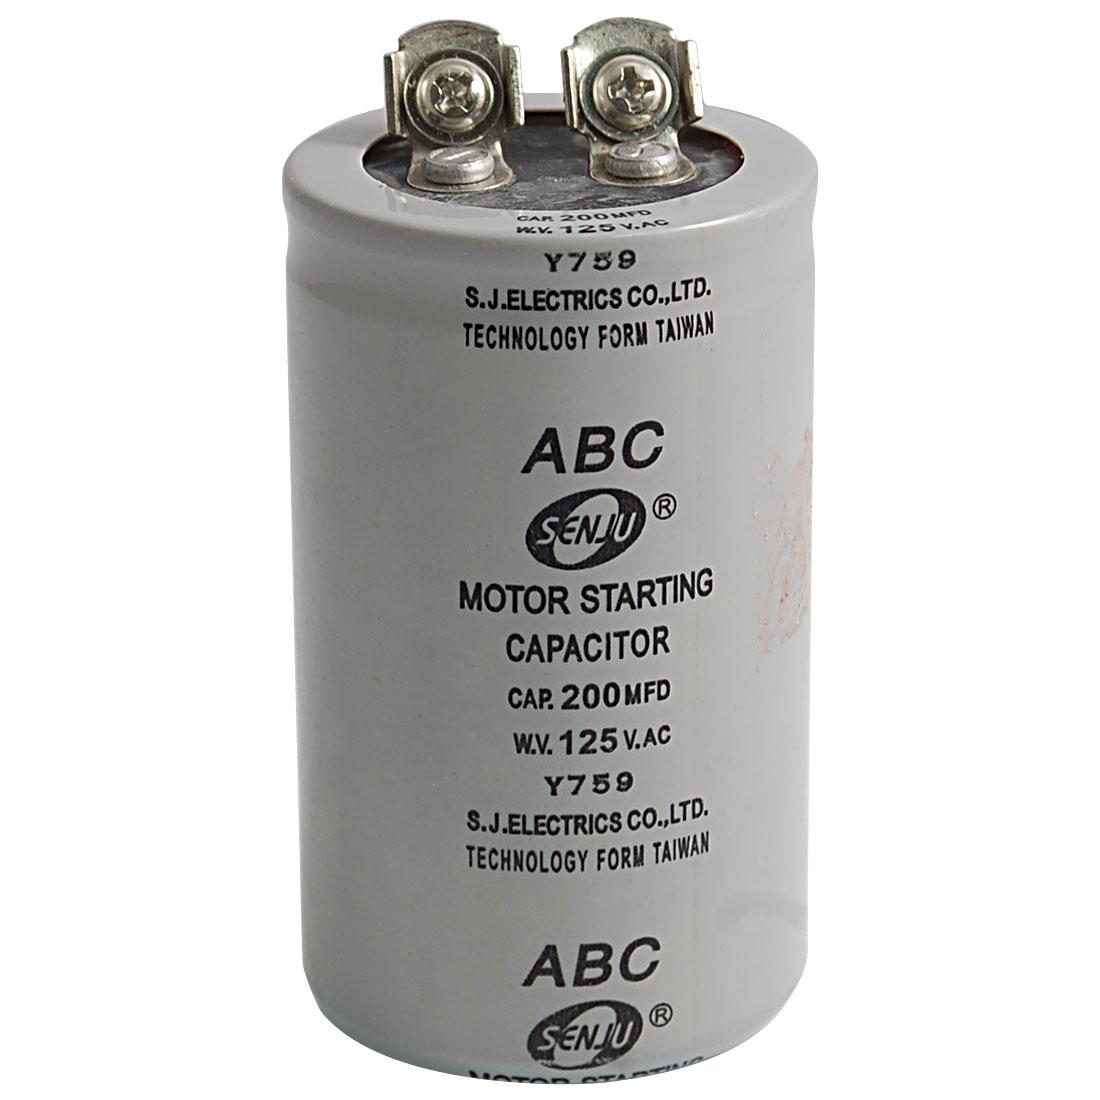 AC 125V 200uF 200MFD 2 Terminals Motor Start Capacitor